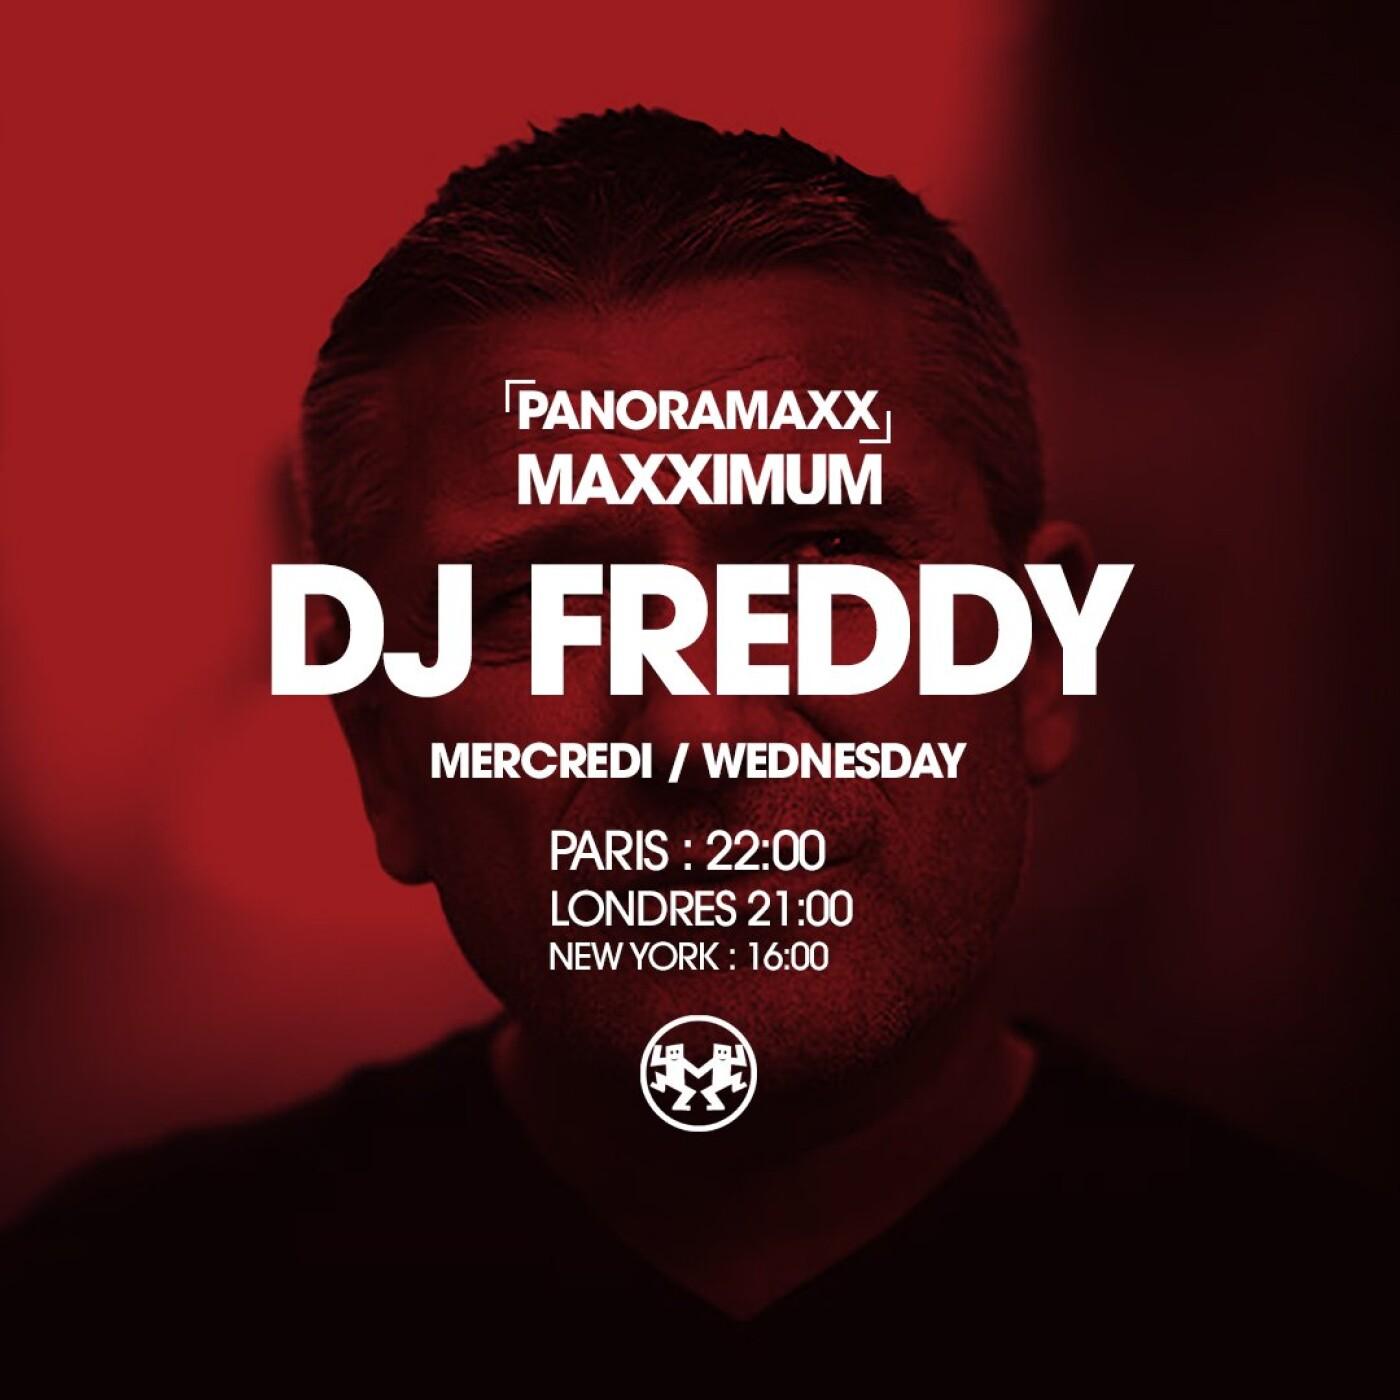 PANORAMAXX : DJ FREDDY